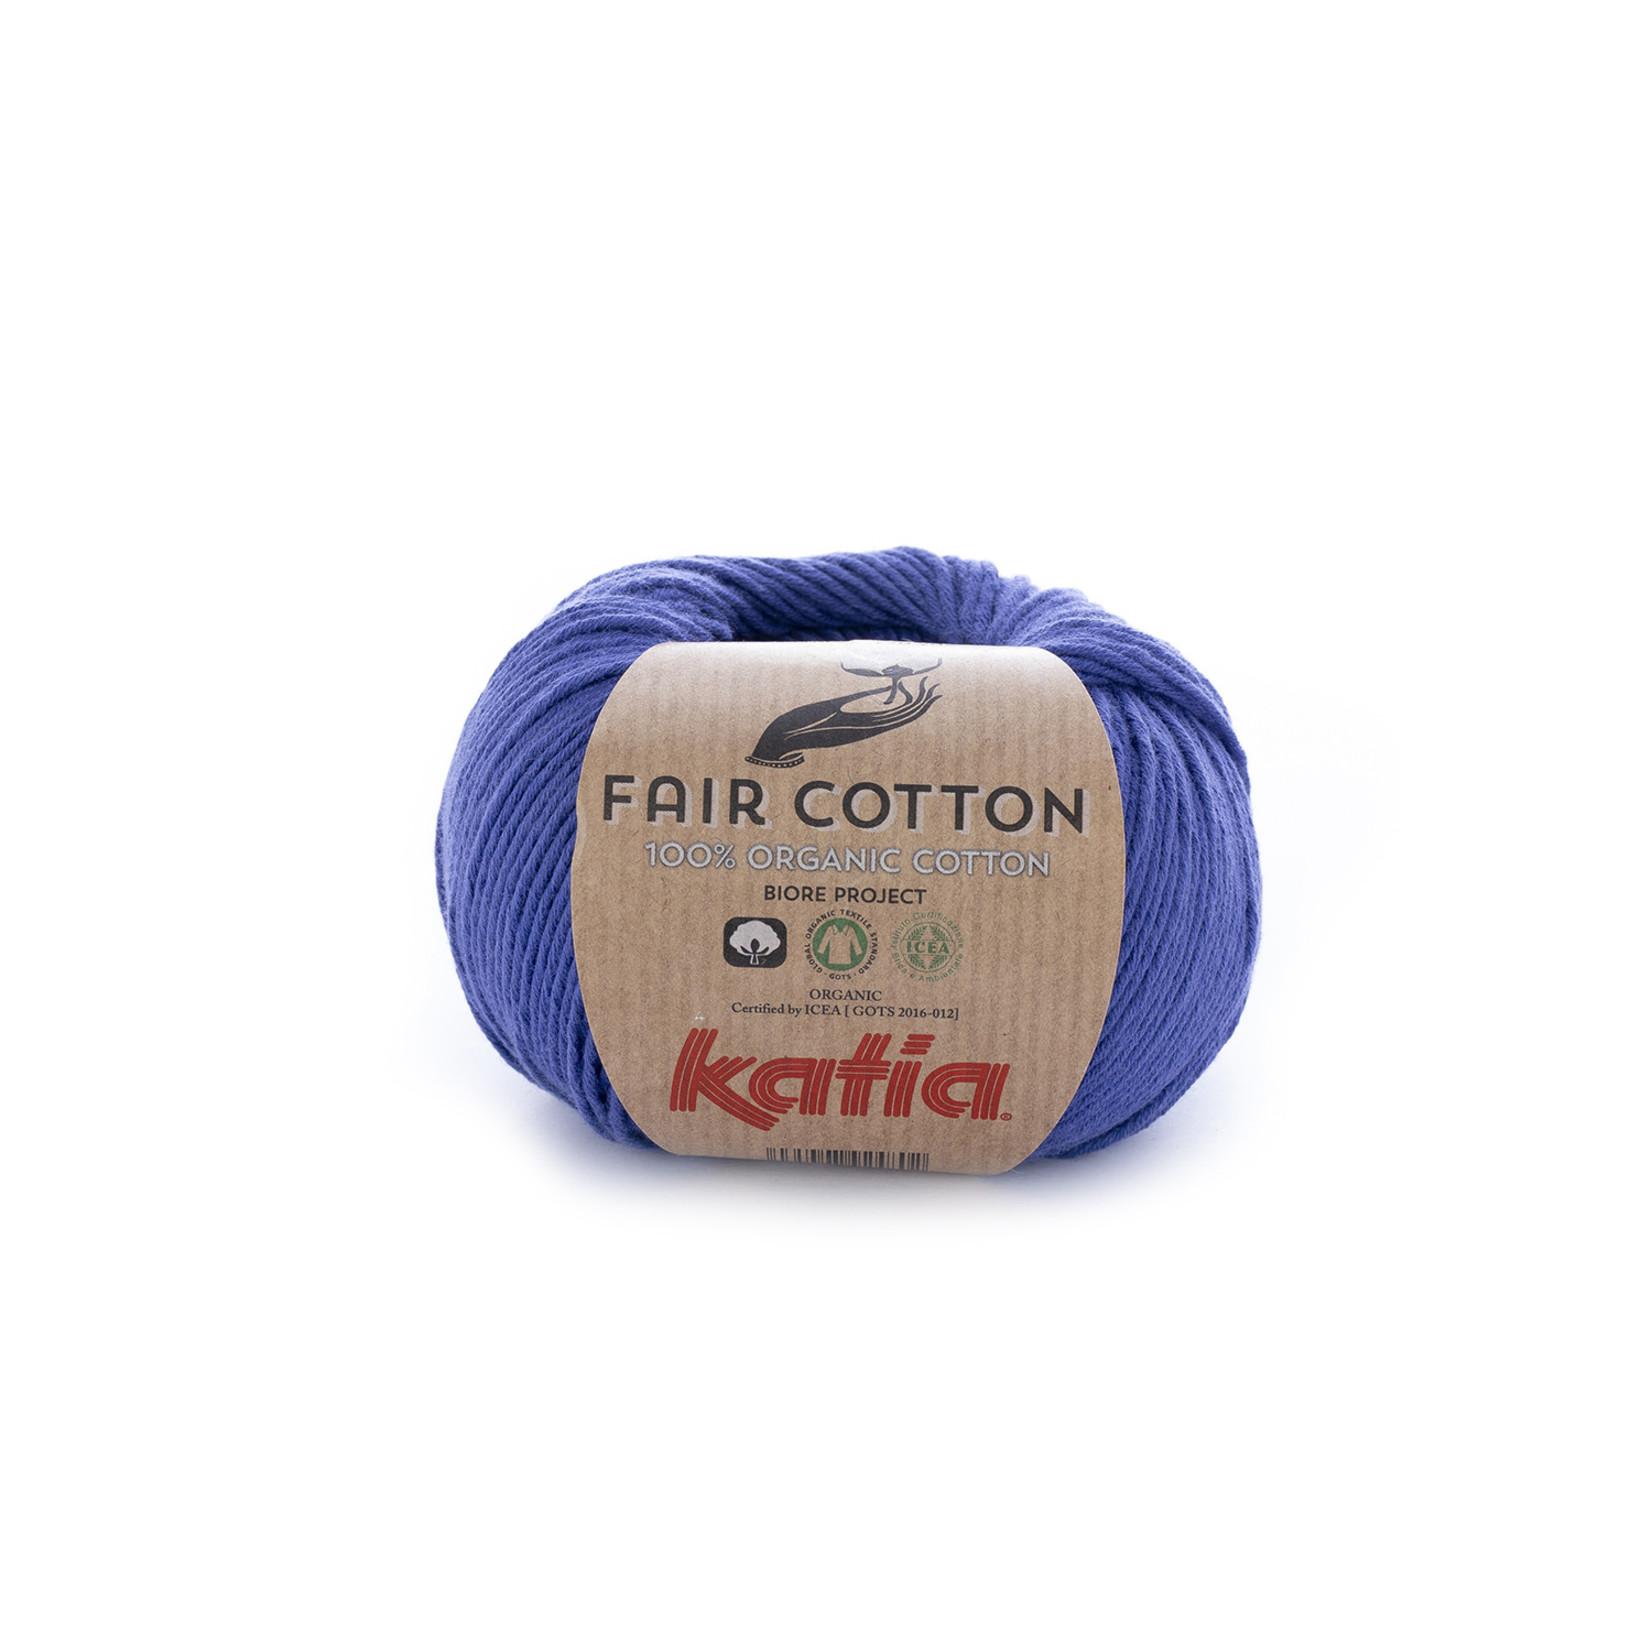 Katia Katia Fair Cotton 24 - nachtblauw - 1 bol = 50 gr. = 155 m. - 100% biol. katoen